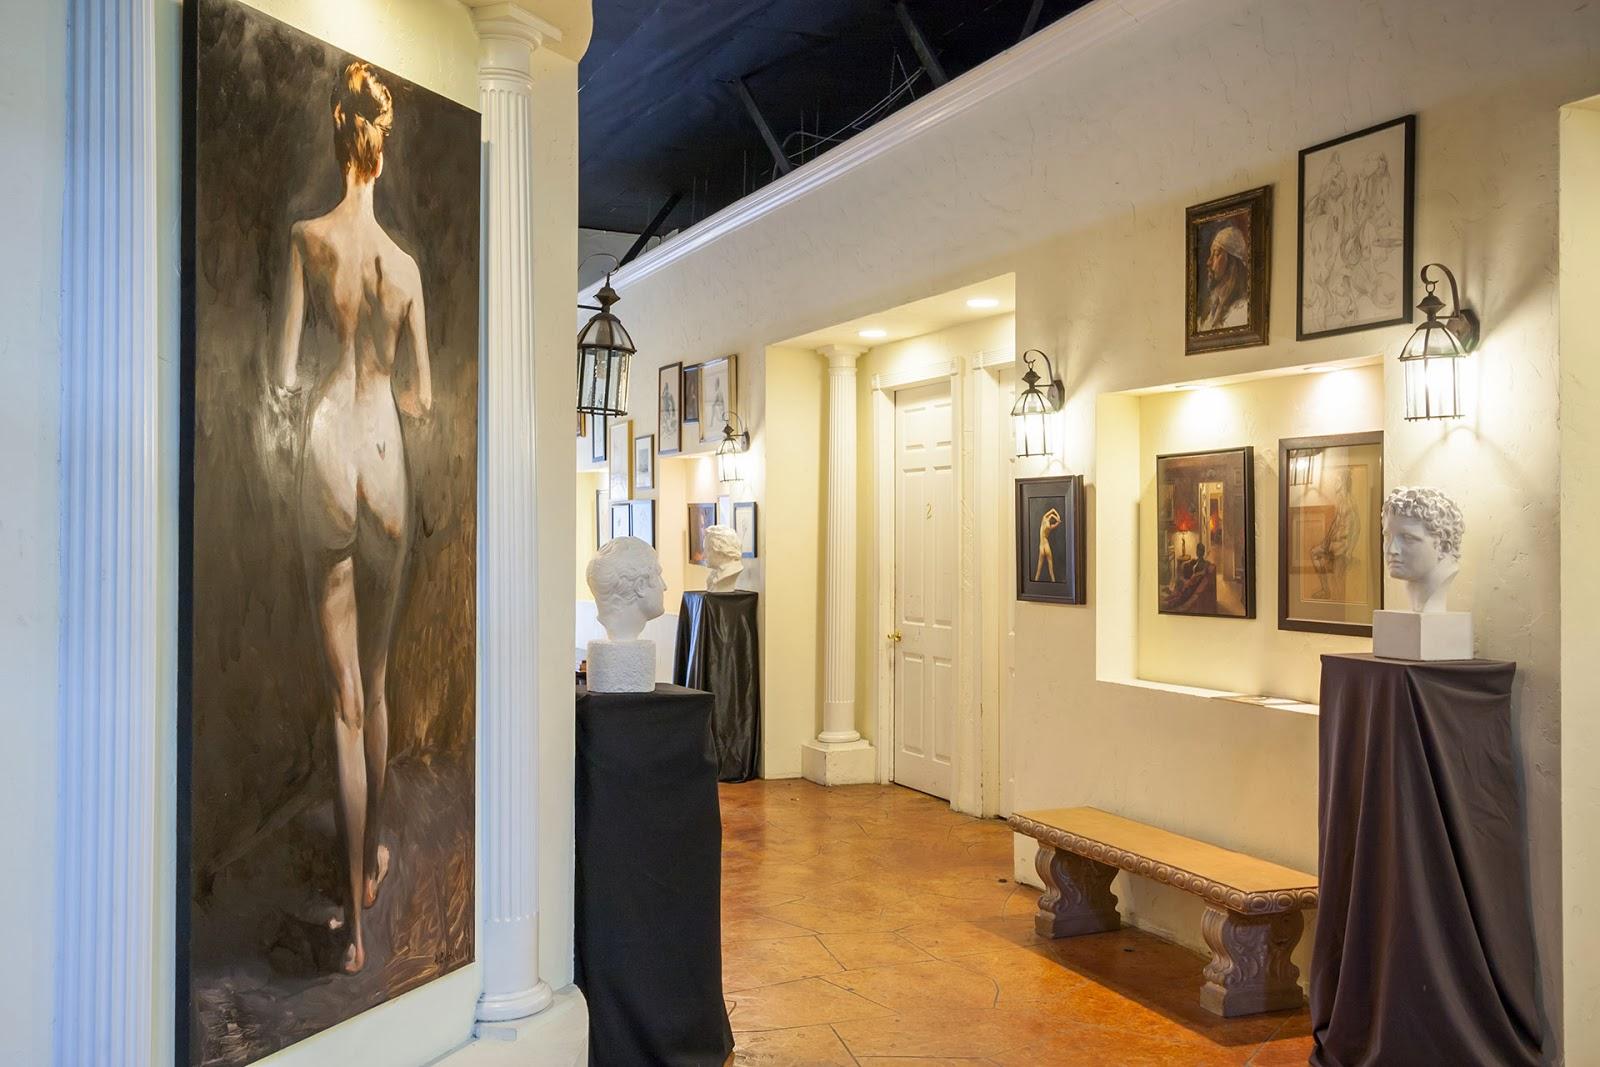 Los Angeles Academy of Figurative Art, nos Estados Unidos